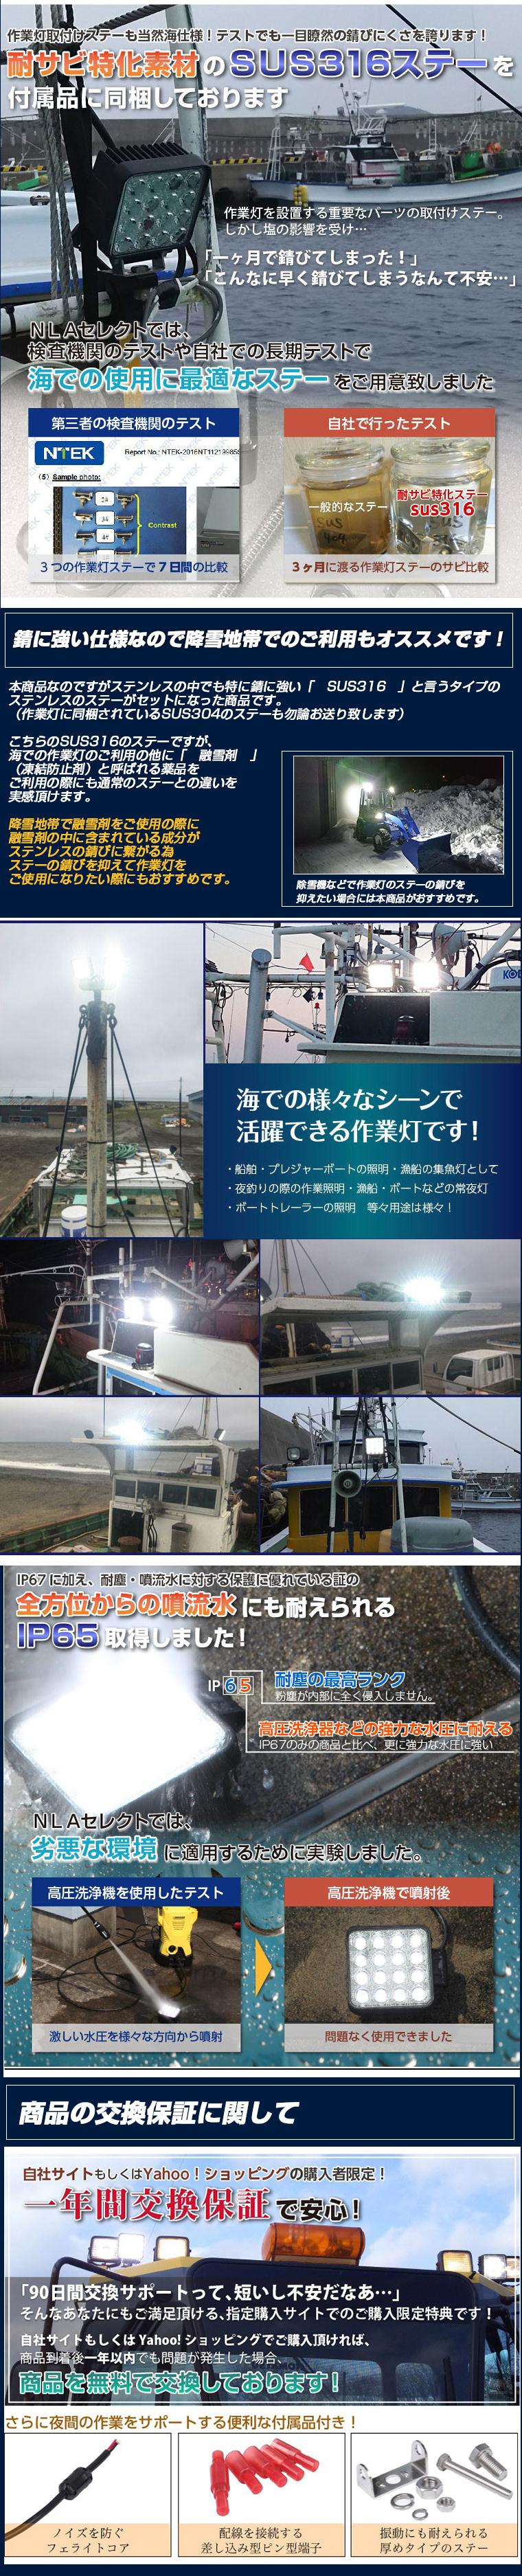 48w海仕様作業灯・商品説明2